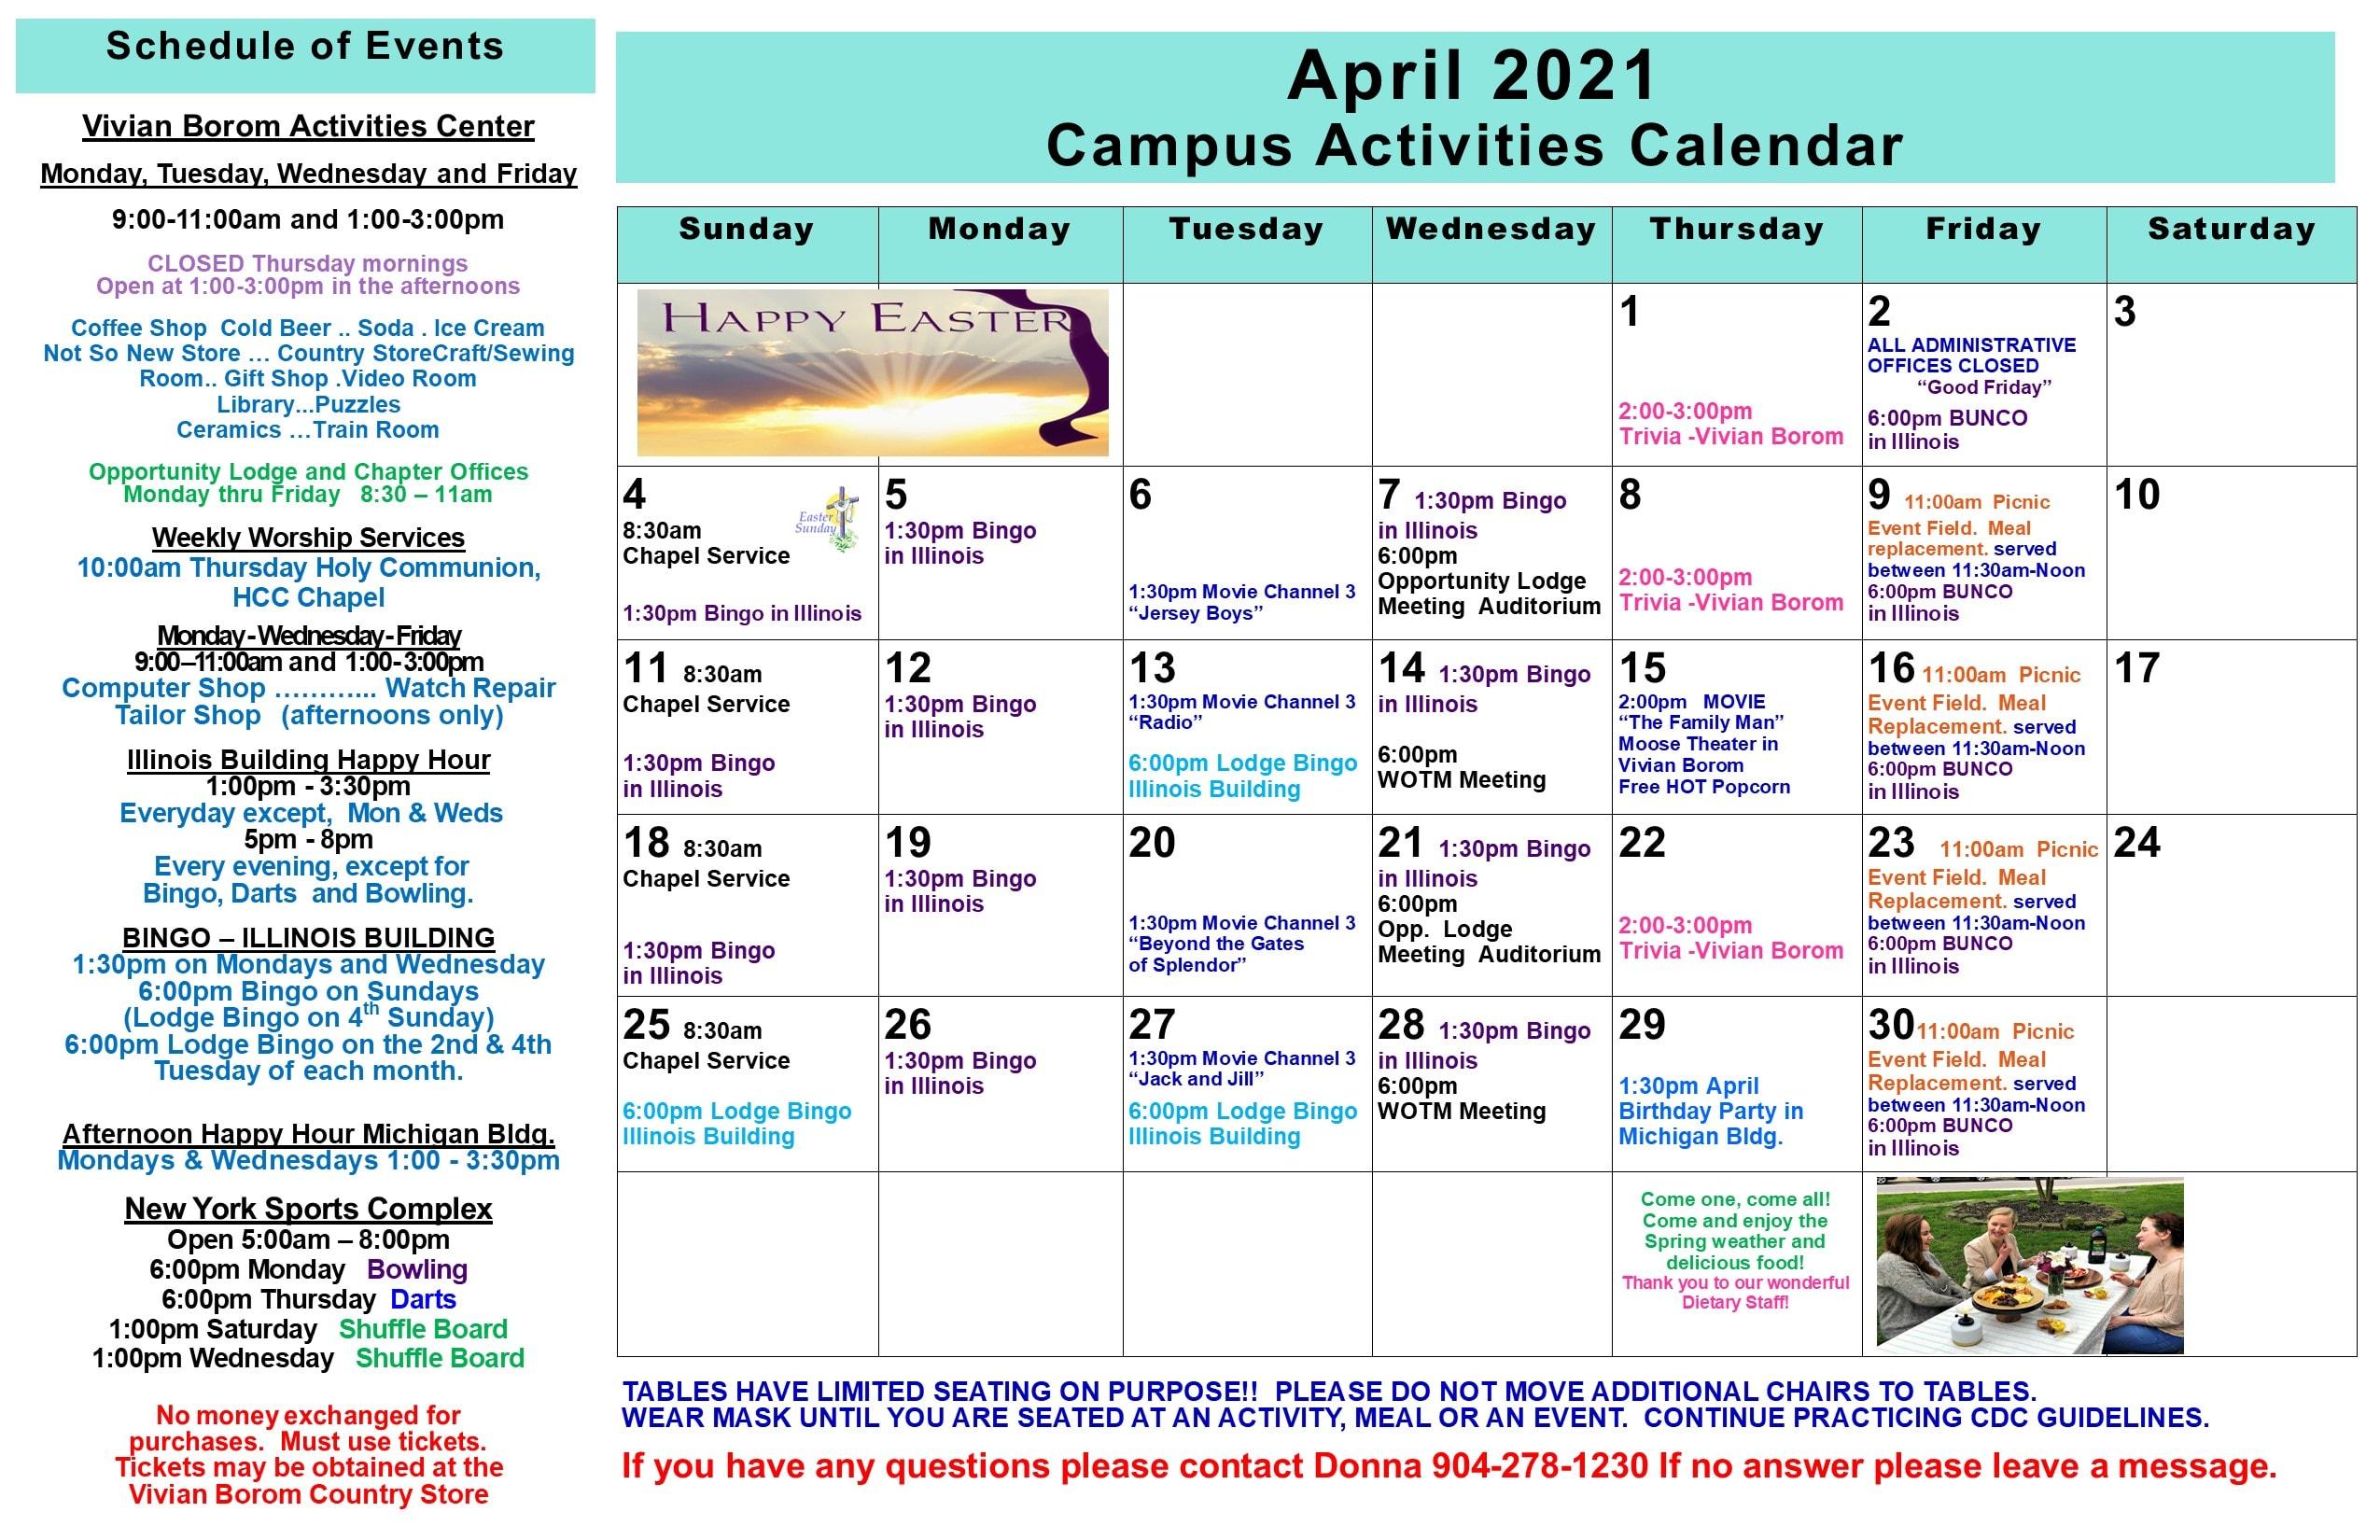 April Activities Calendars 2021